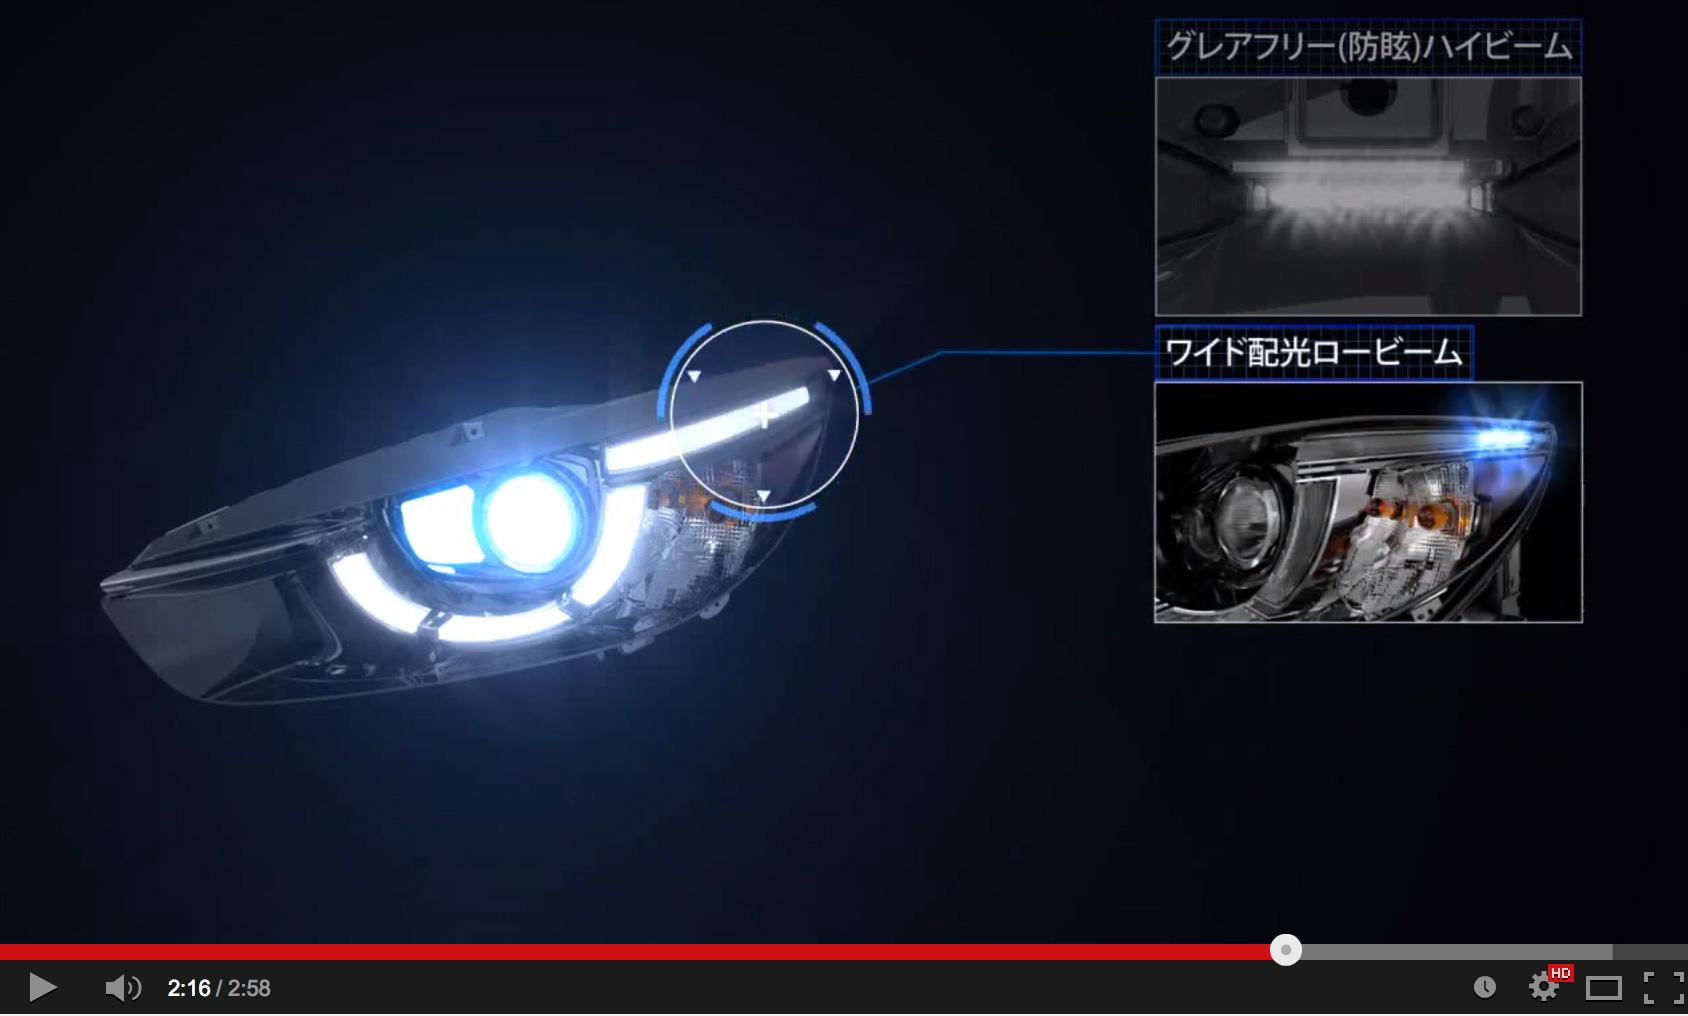 MAZDA 「アテンザ」「CX-5」の改良モデルを発表